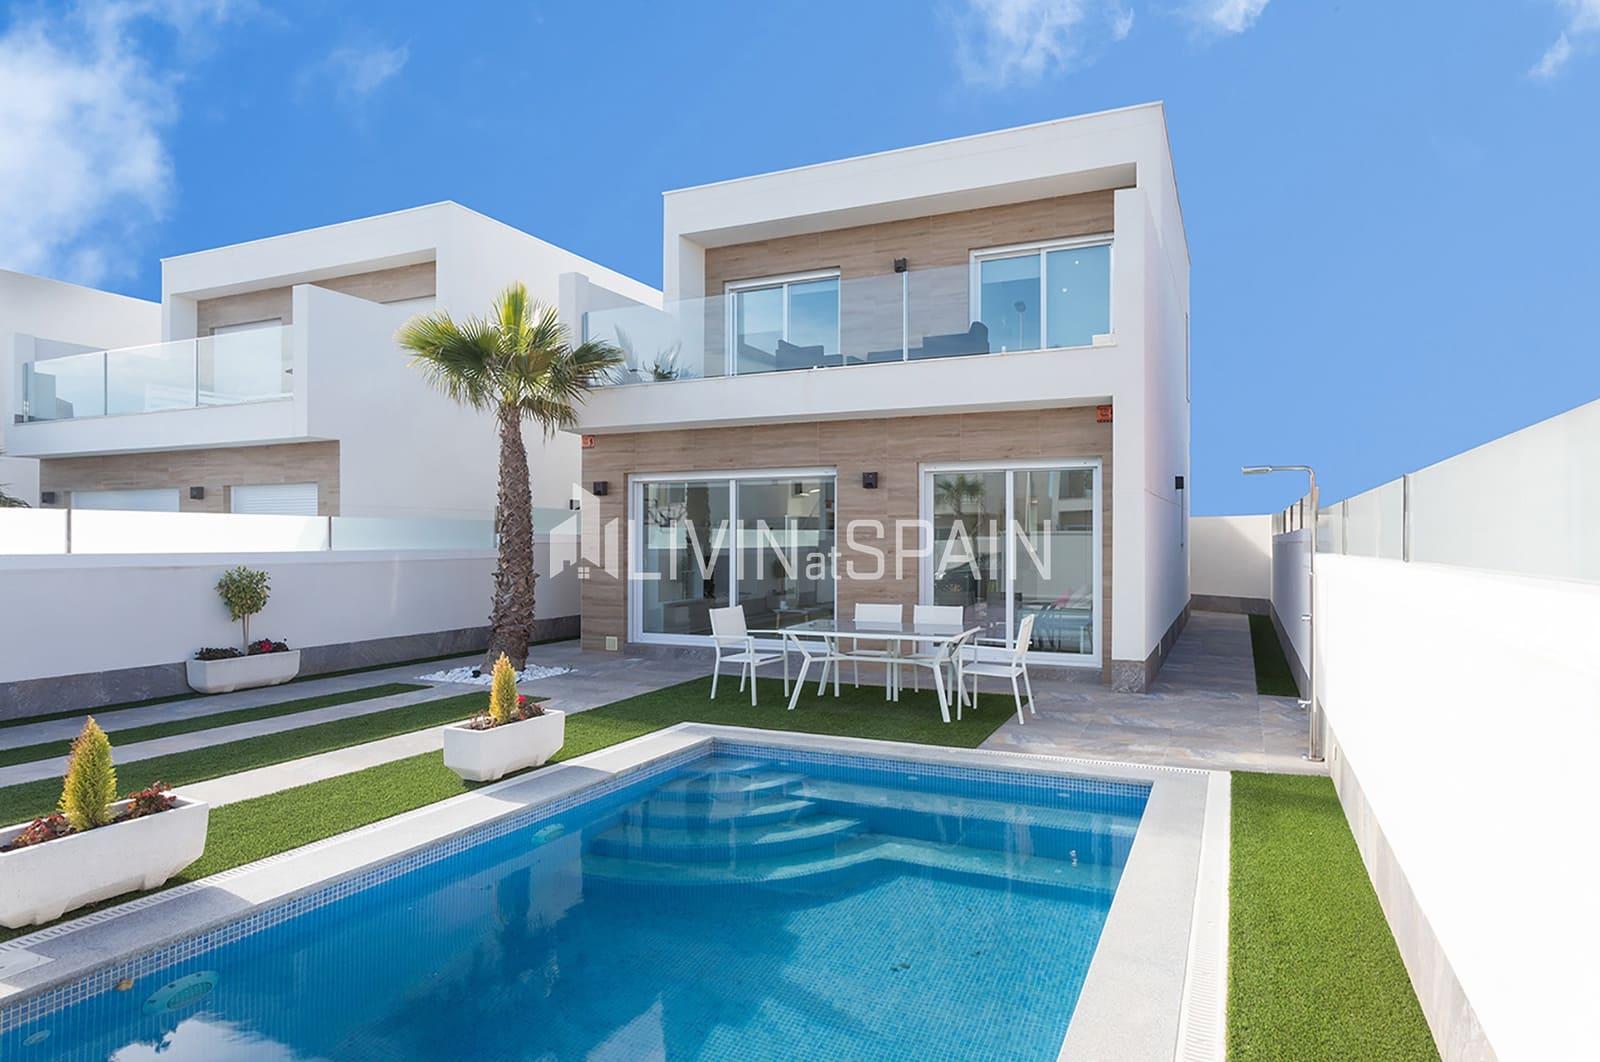 Chalet de 3 habitaciones en Pilar de la Horadada en venta con piscina garaje - 259.000 € (Ref: 4893955)